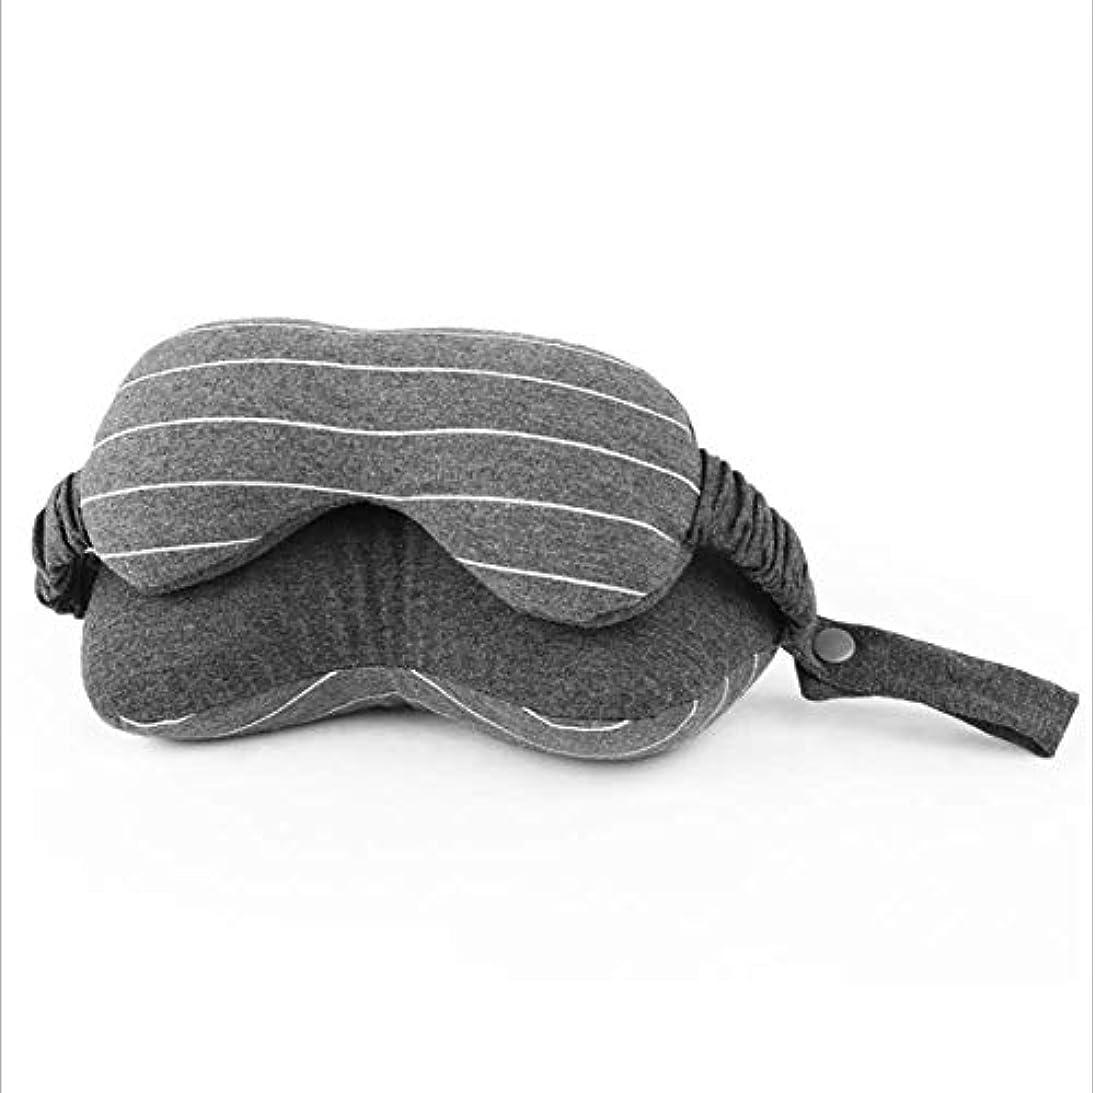 起こりやすい提供機関アイマスクの枕旅行の睡眠に適していますストレスリリーフユニセックスフルシェーディングソフトで快適な調節可能睡眠に役立ちます